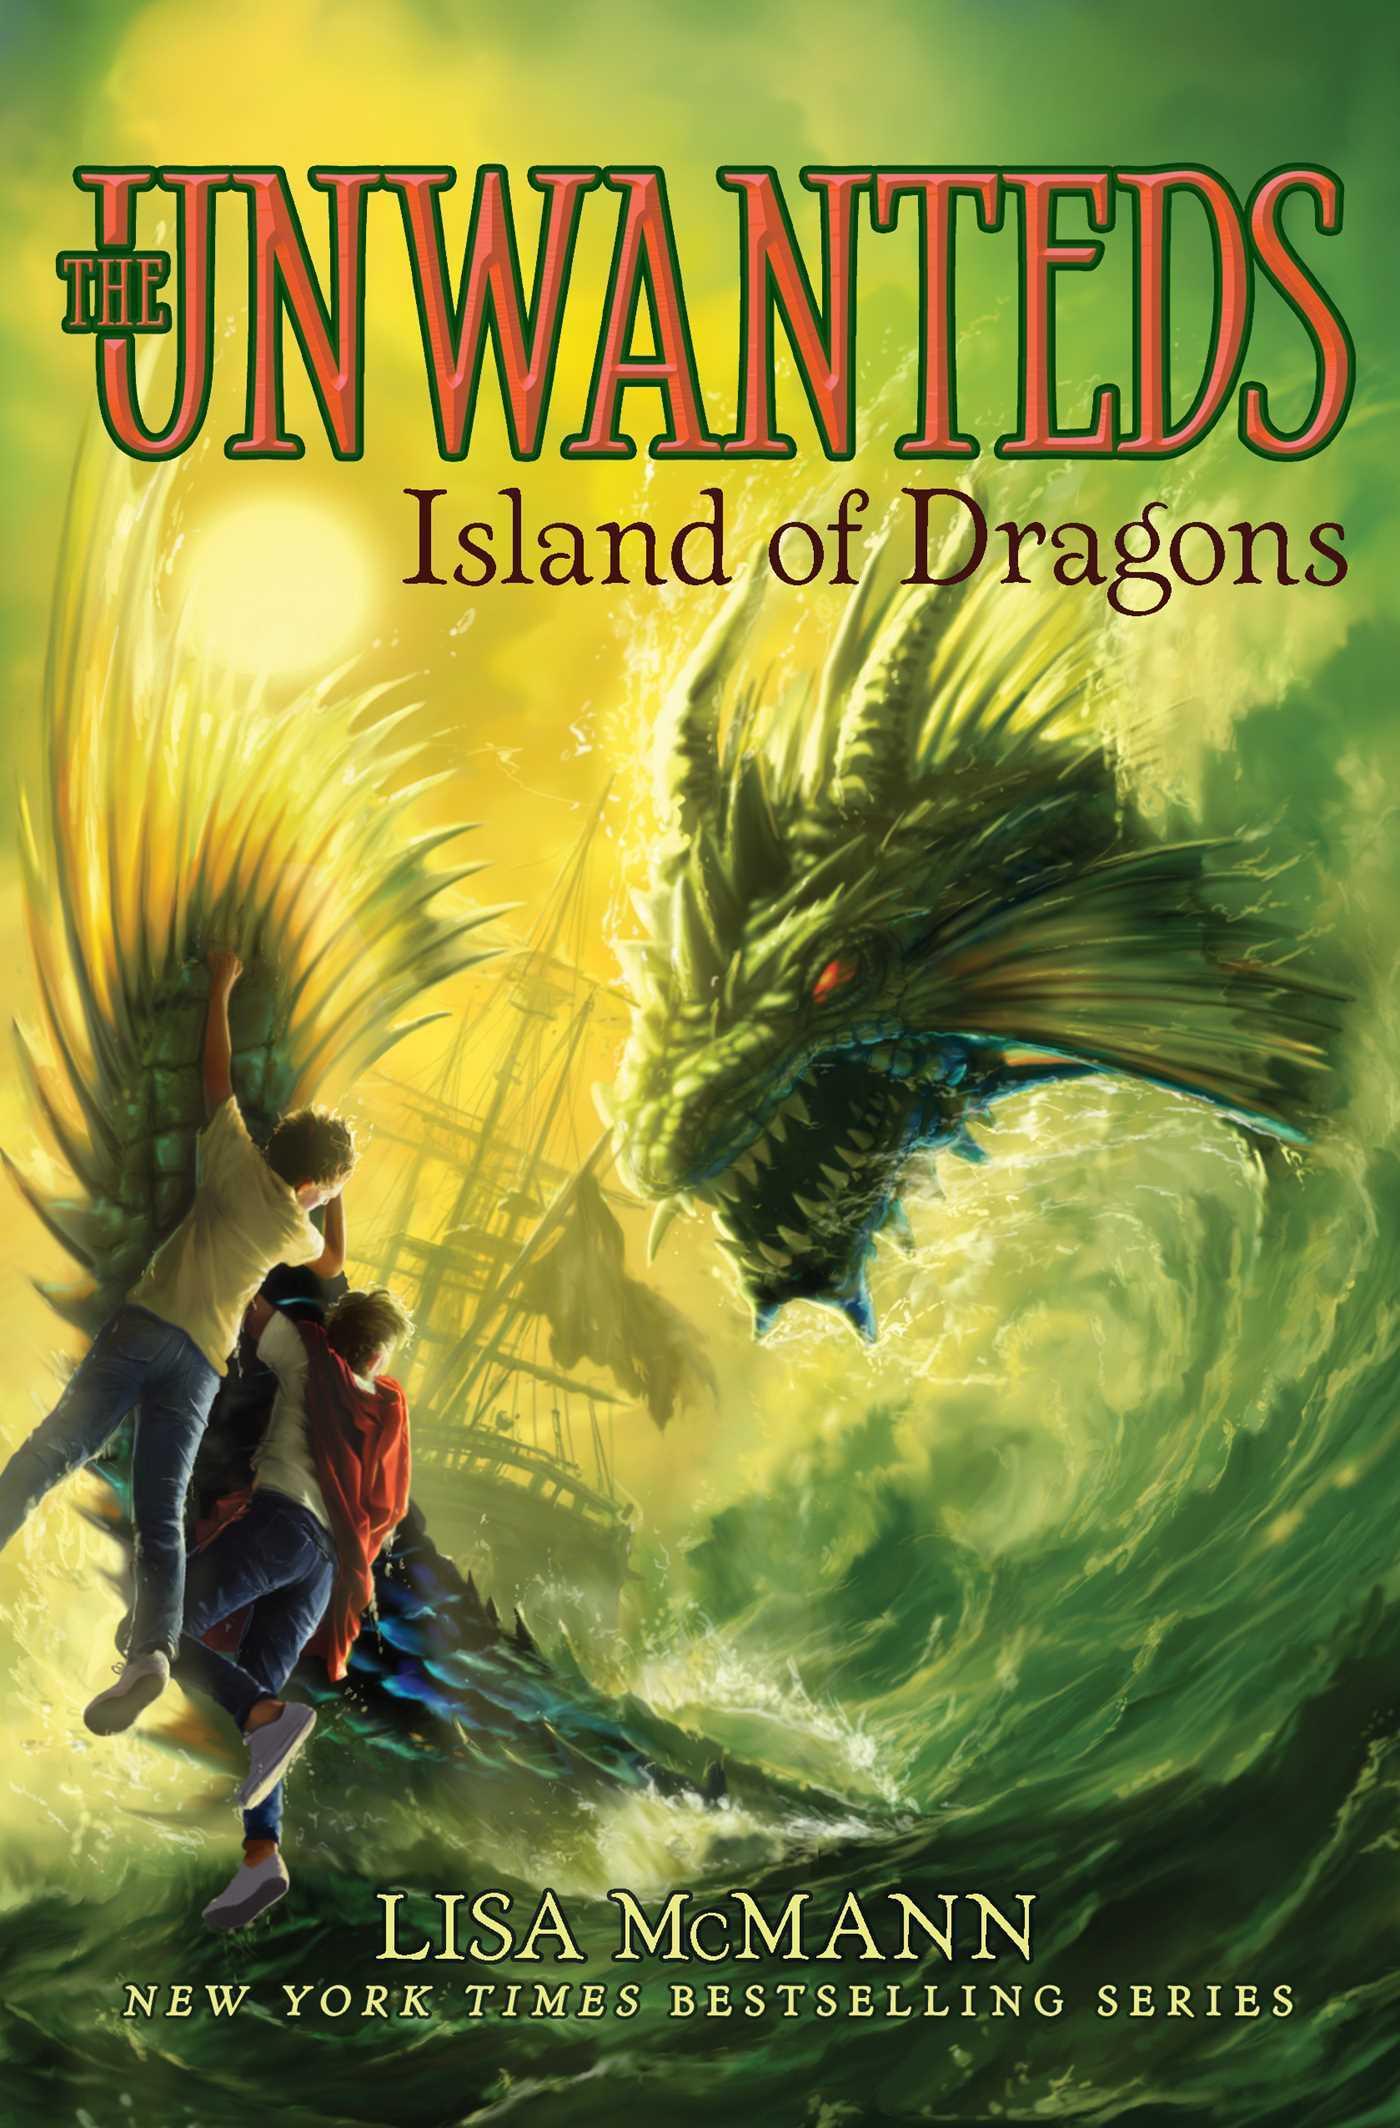 Island of Dragons (Unwanteds, #7)